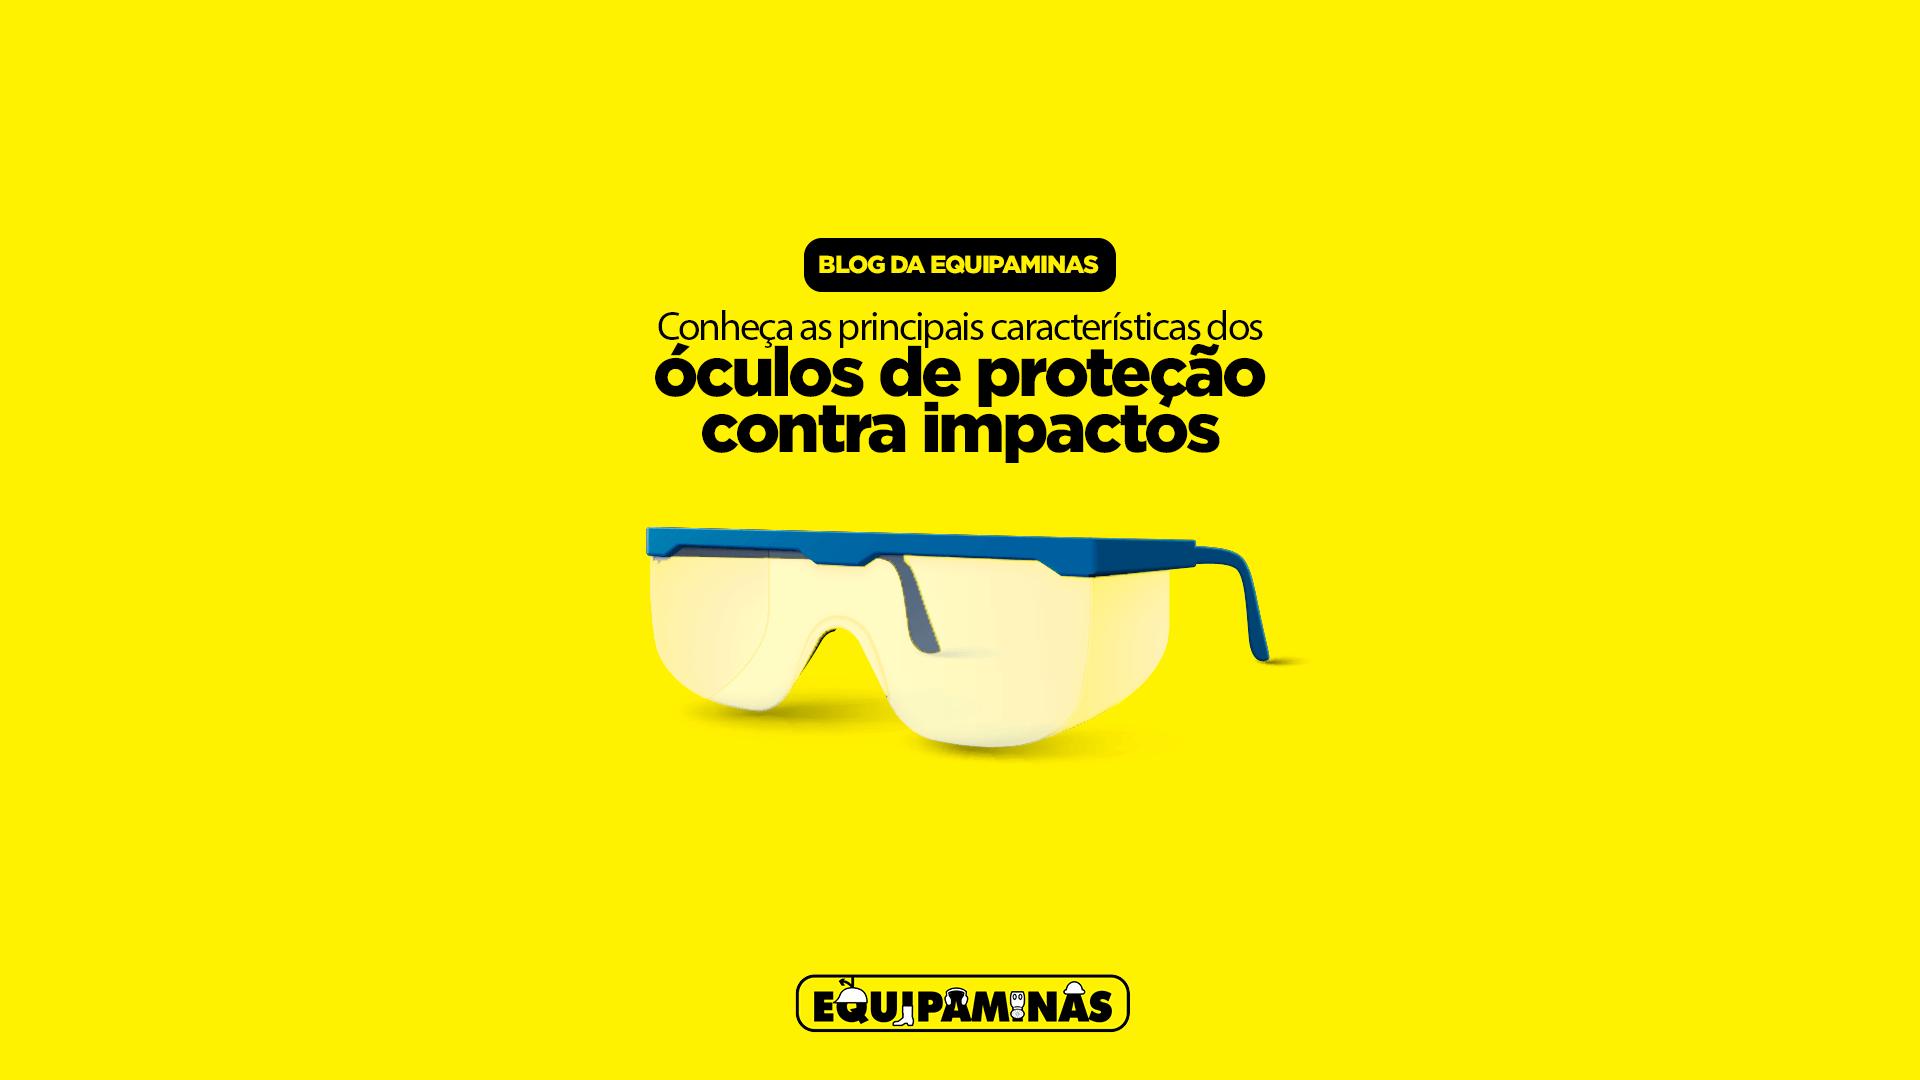 Óculos de proteção contra impactos